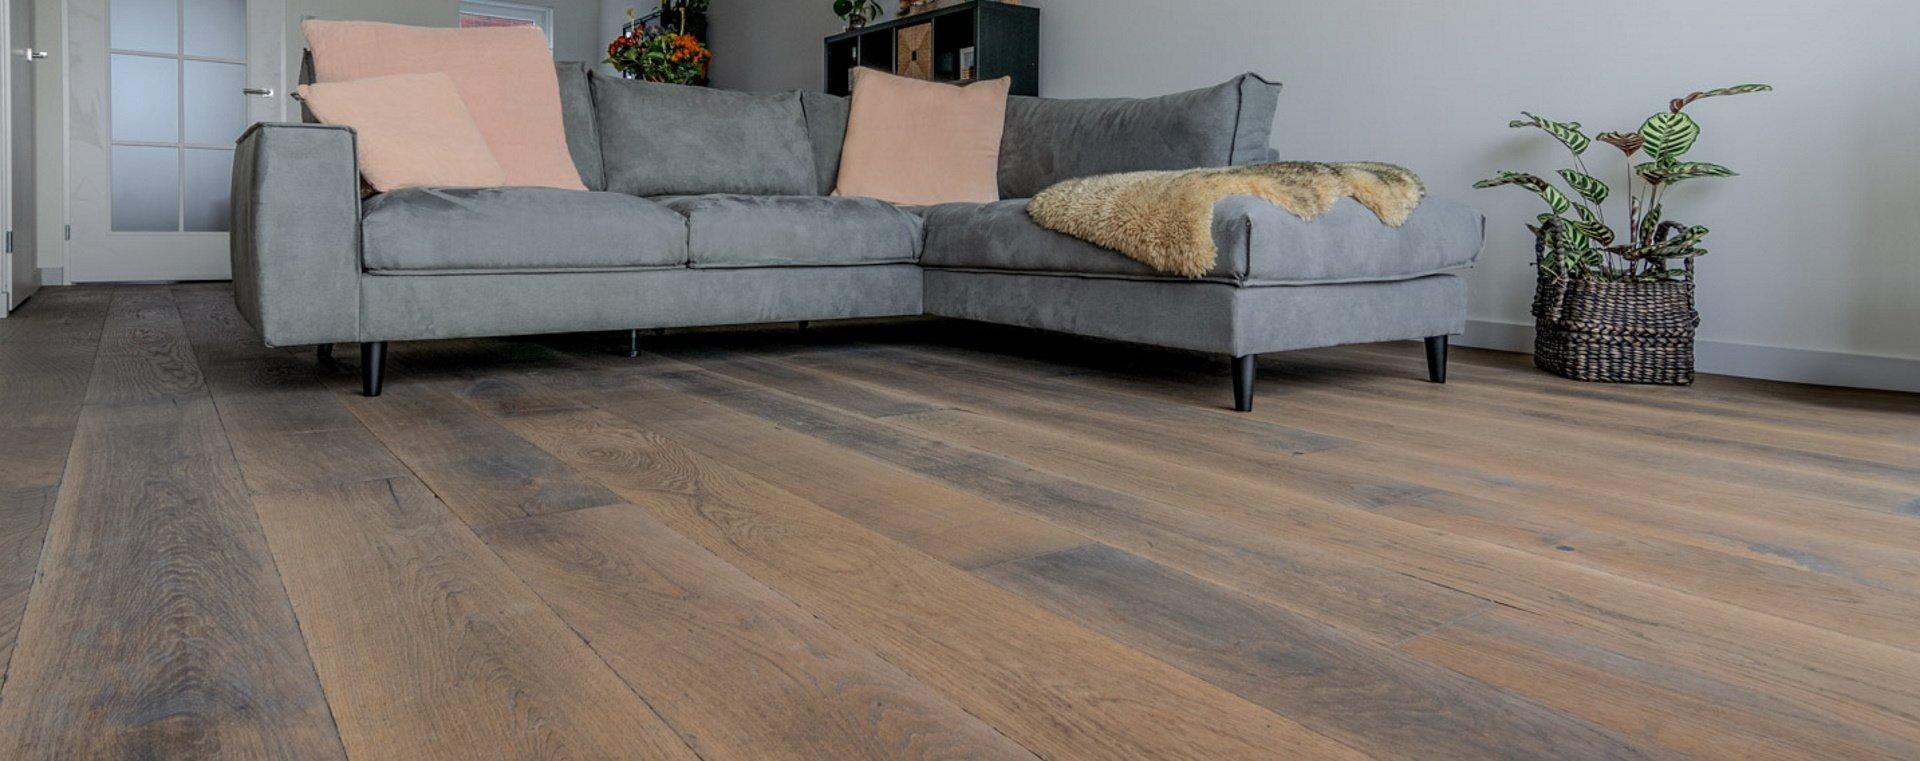 Verkleurt een houten vloer door de zon?